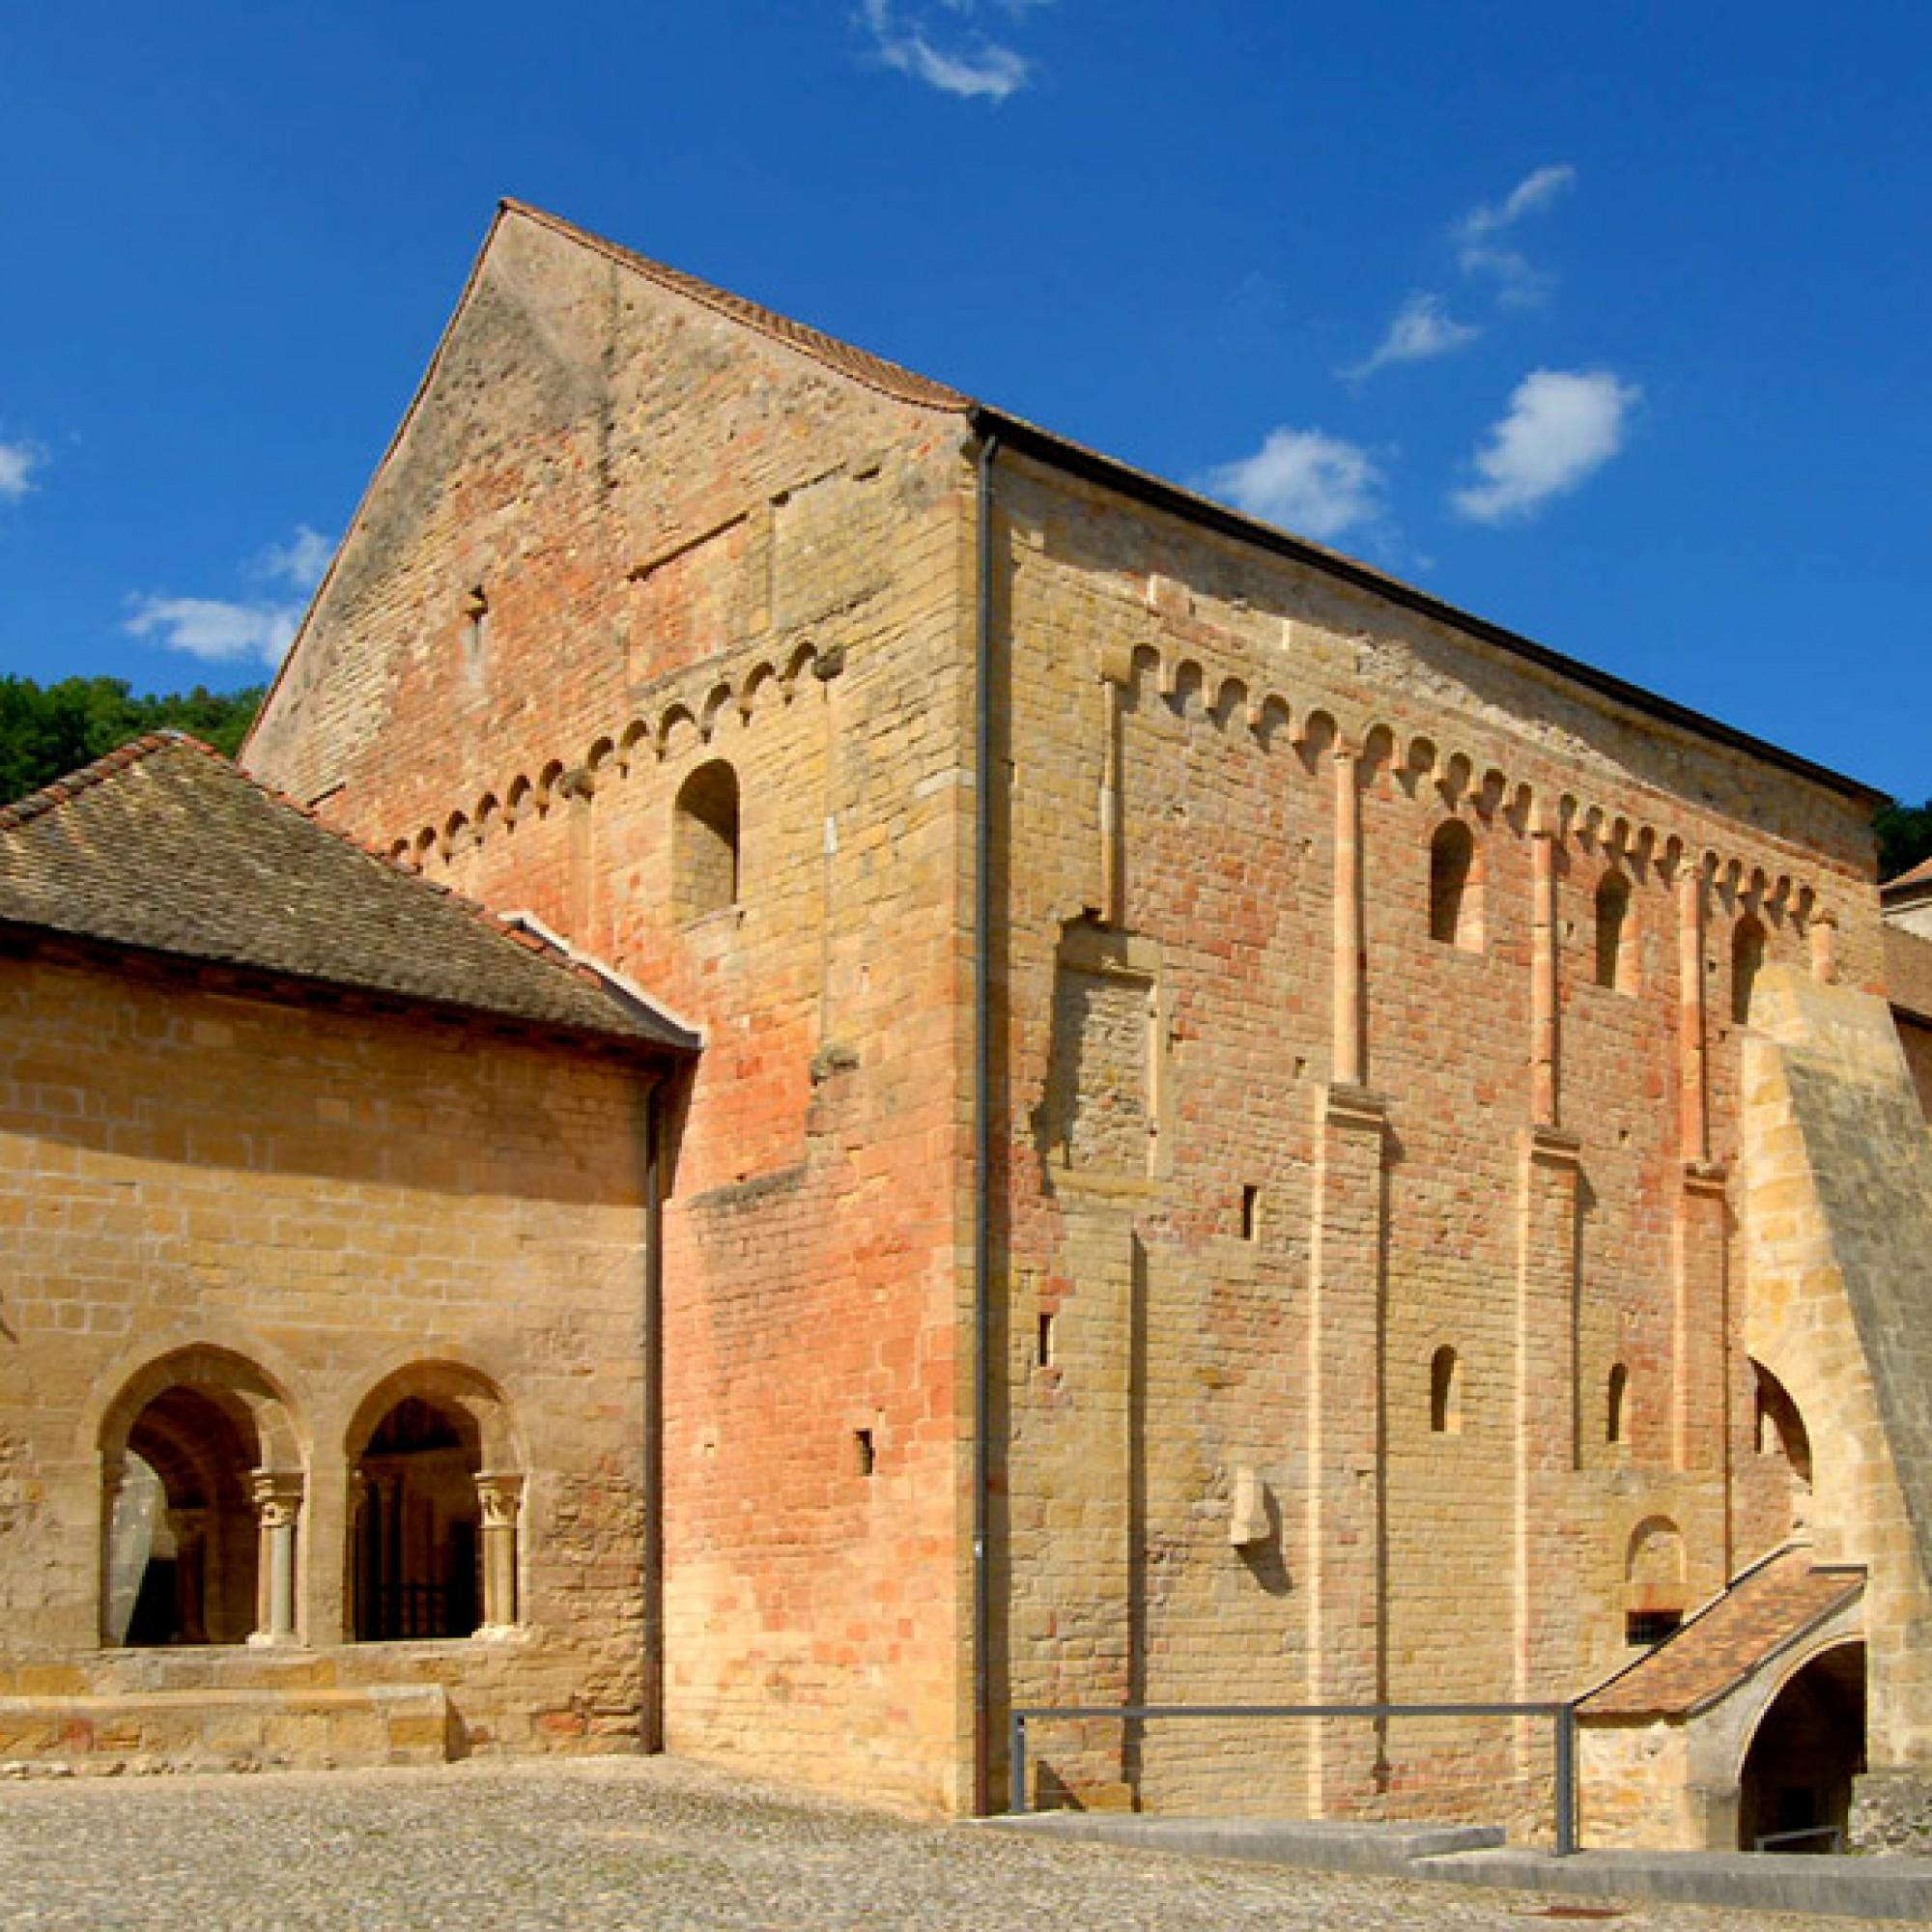 Singen hier die Engel? Kirche der Klosteranlage von Romainmôtier. (Loveless, wikimedia.org, CC)